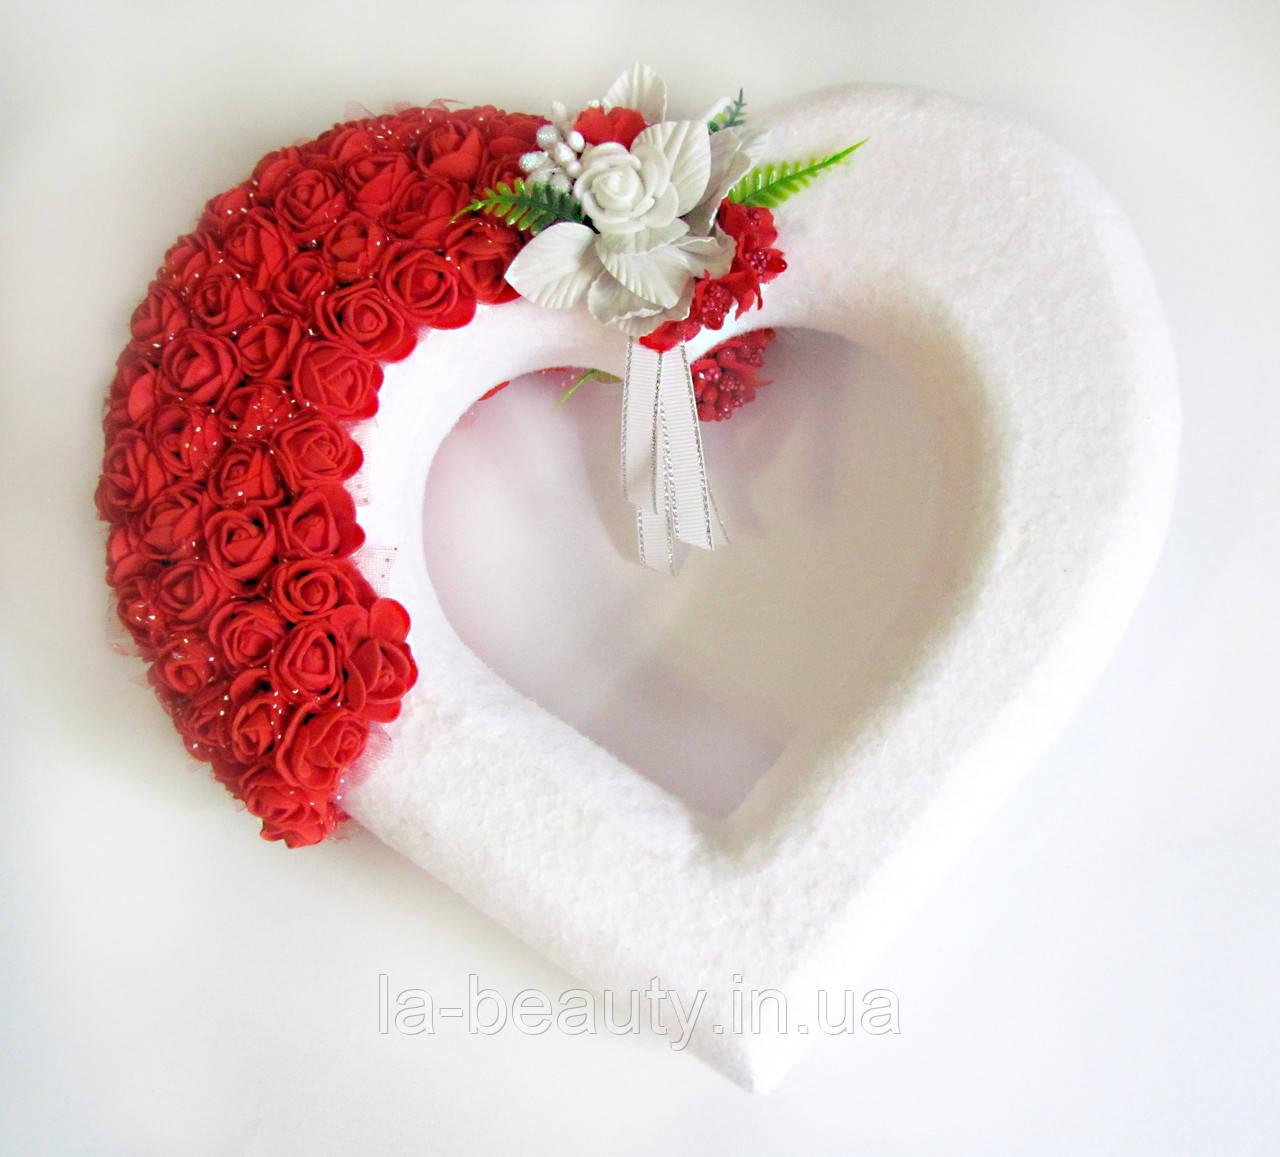 Декор белое сердце с розами для свадебных машин / авто украшение